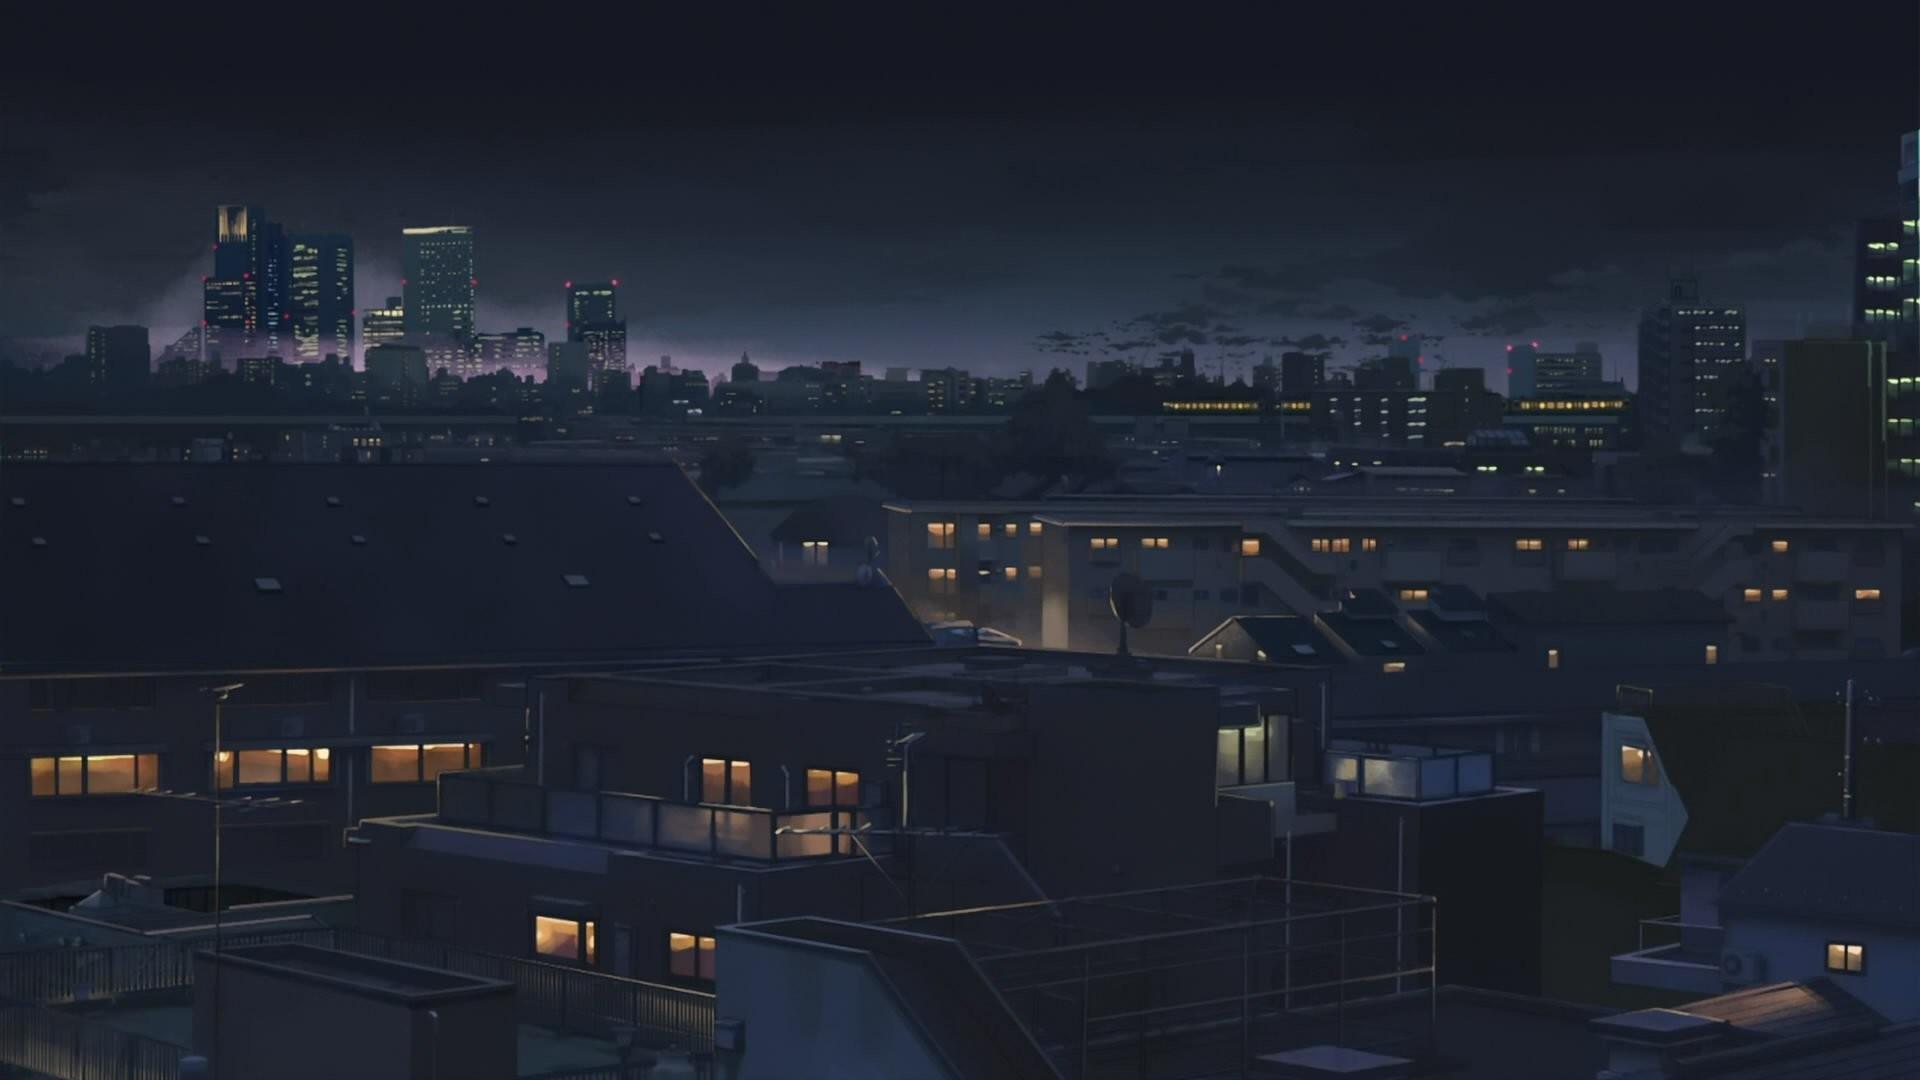 Dark Japan Wallpaper Hd